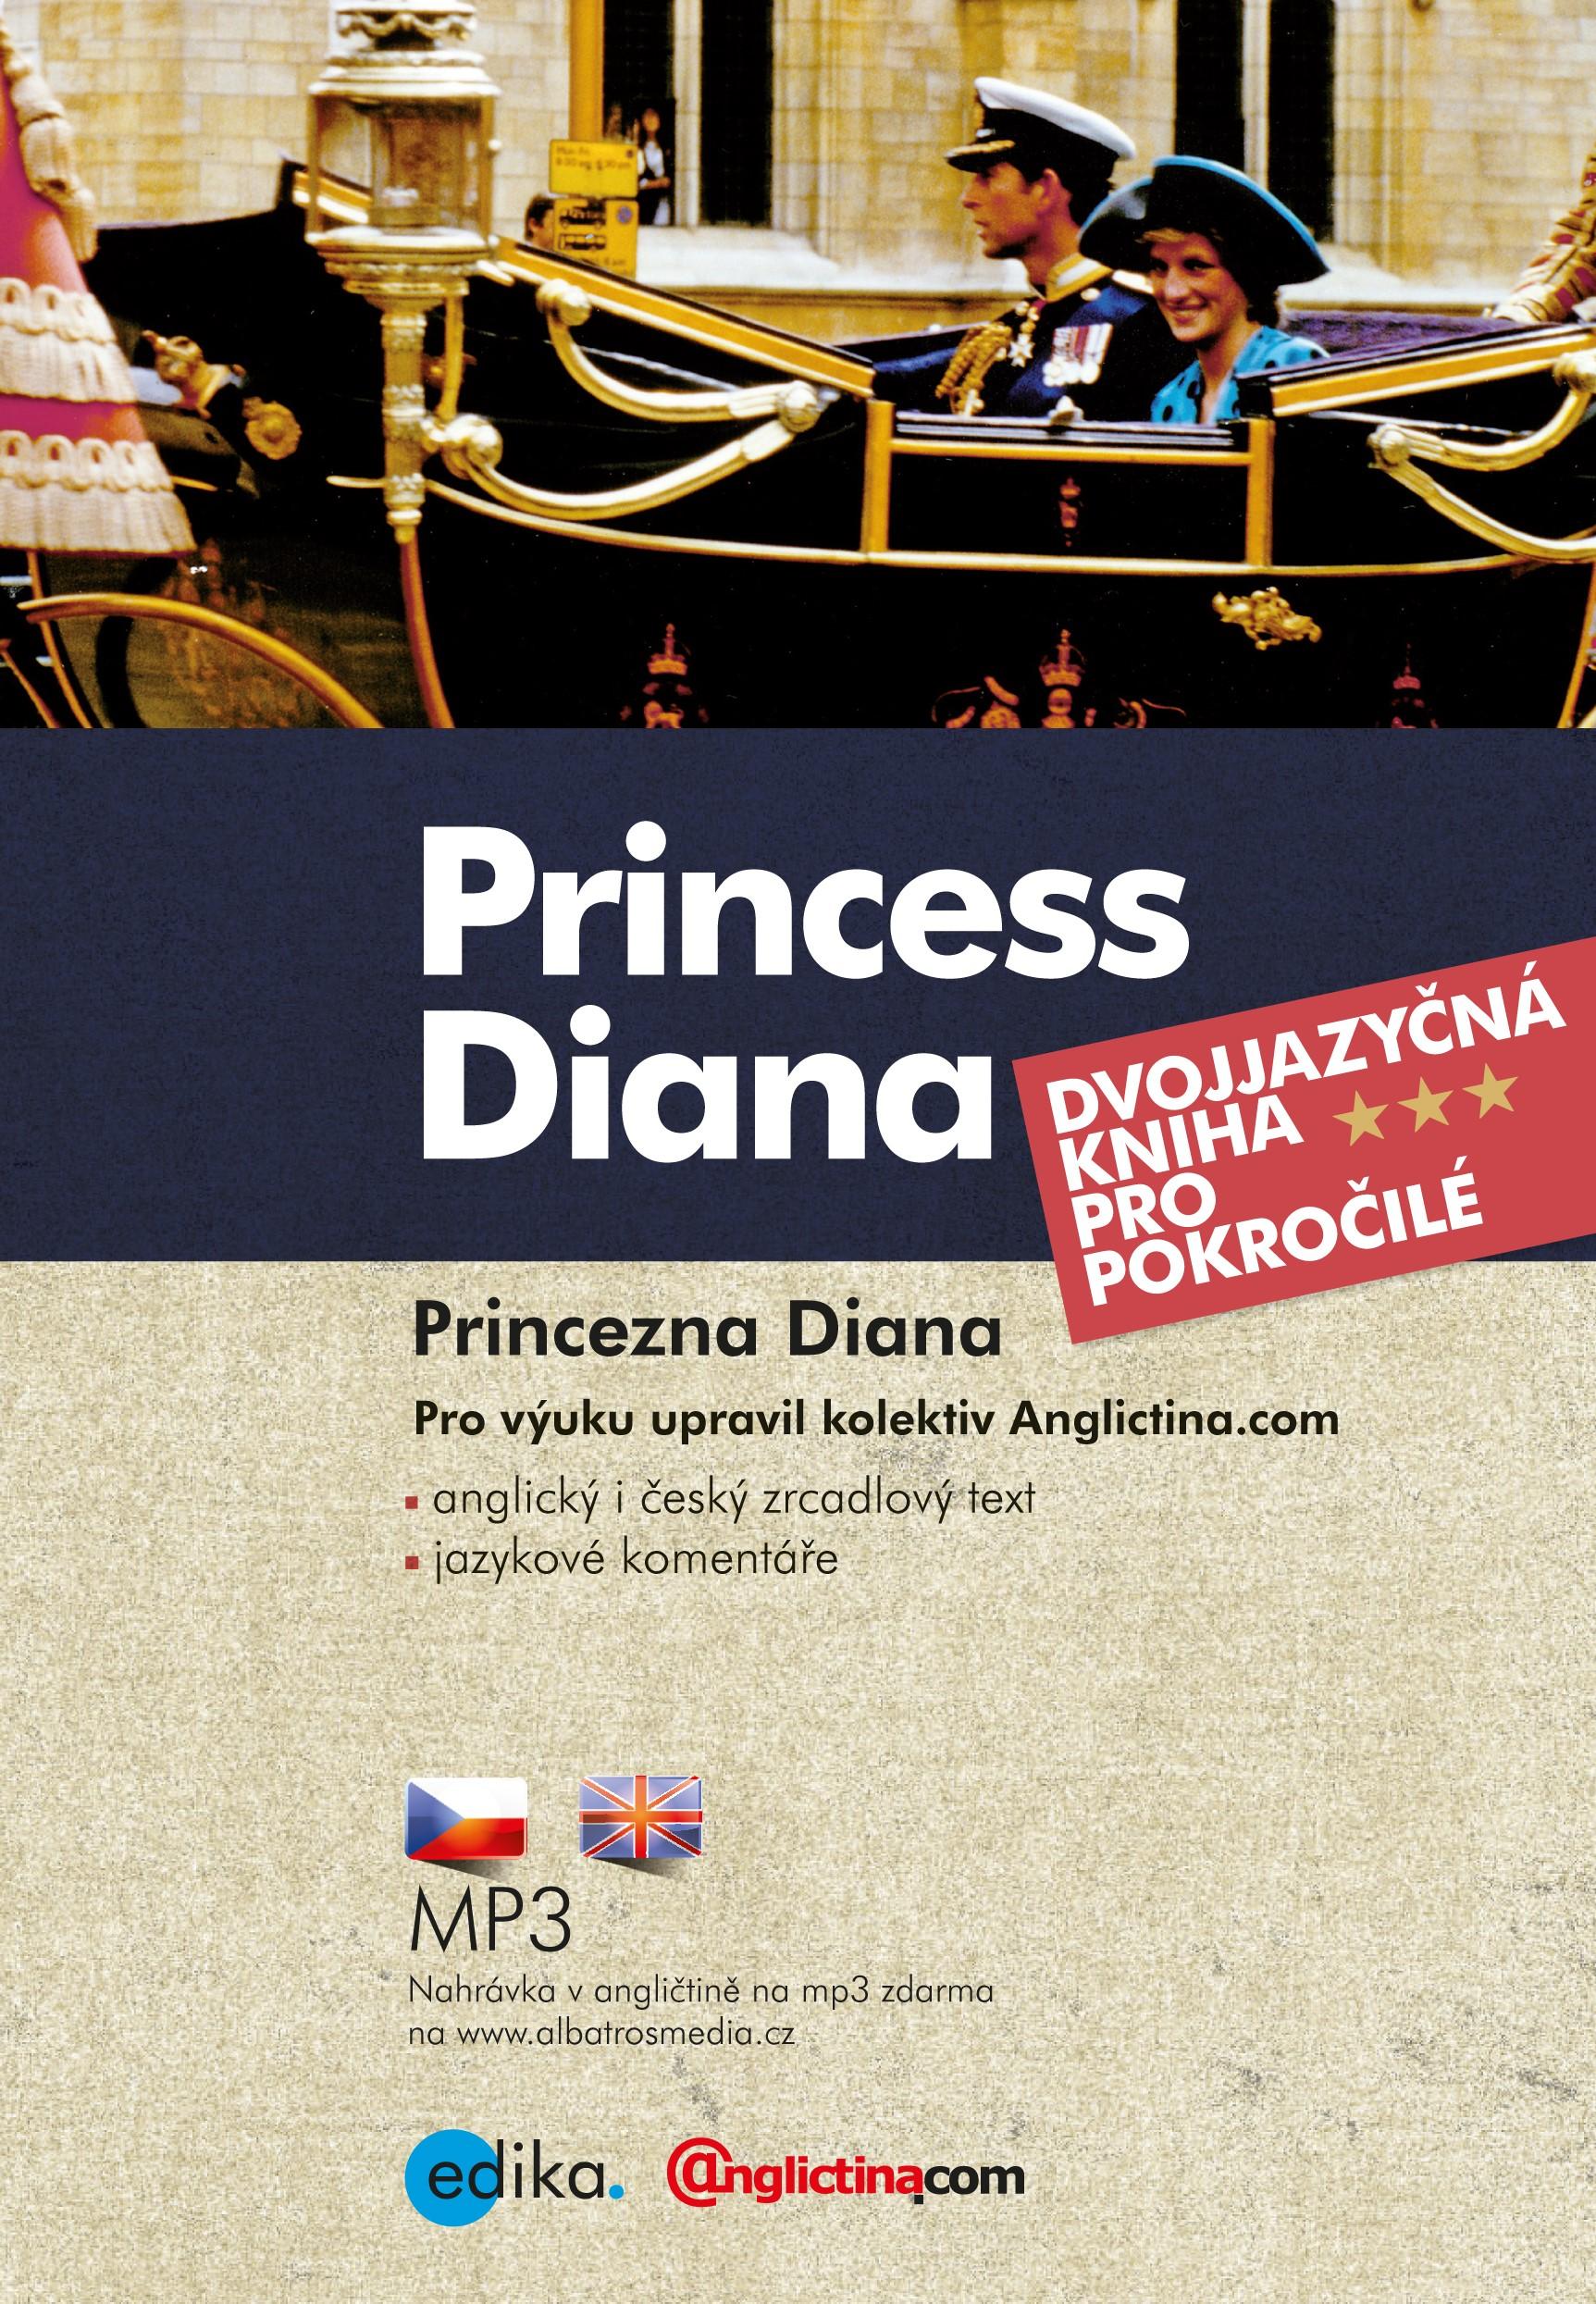 Princezna Diana | Anglictina.com